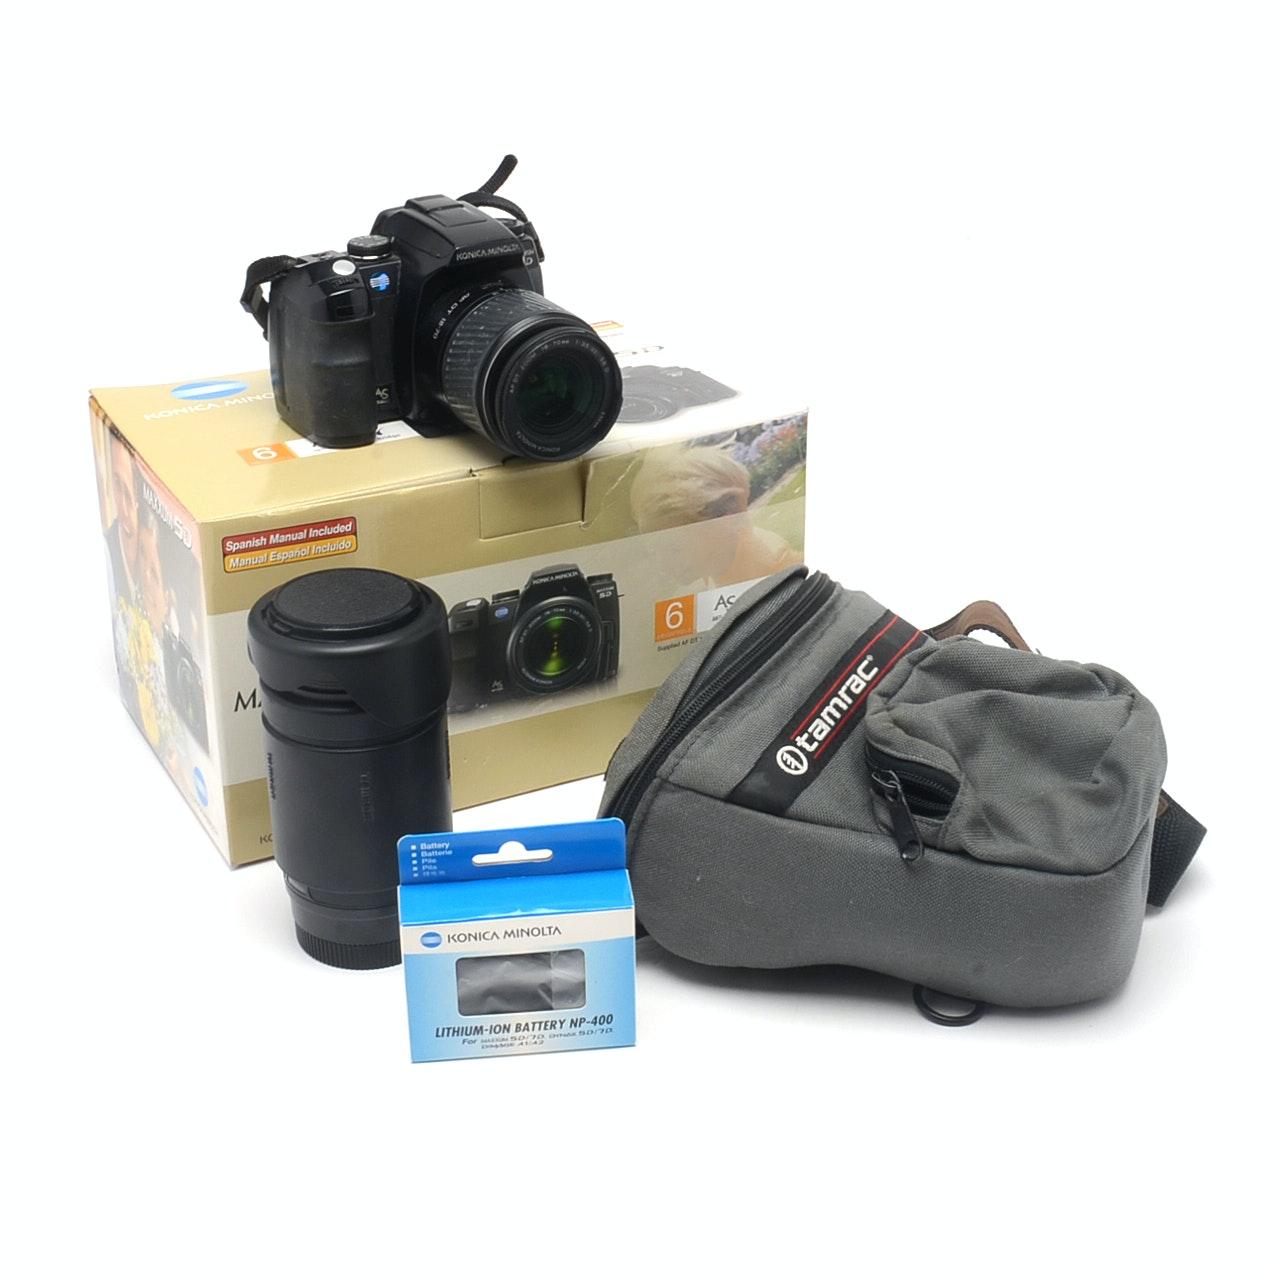 Konica Minolta Dynax Maxxum 5D Digital SLR Camera